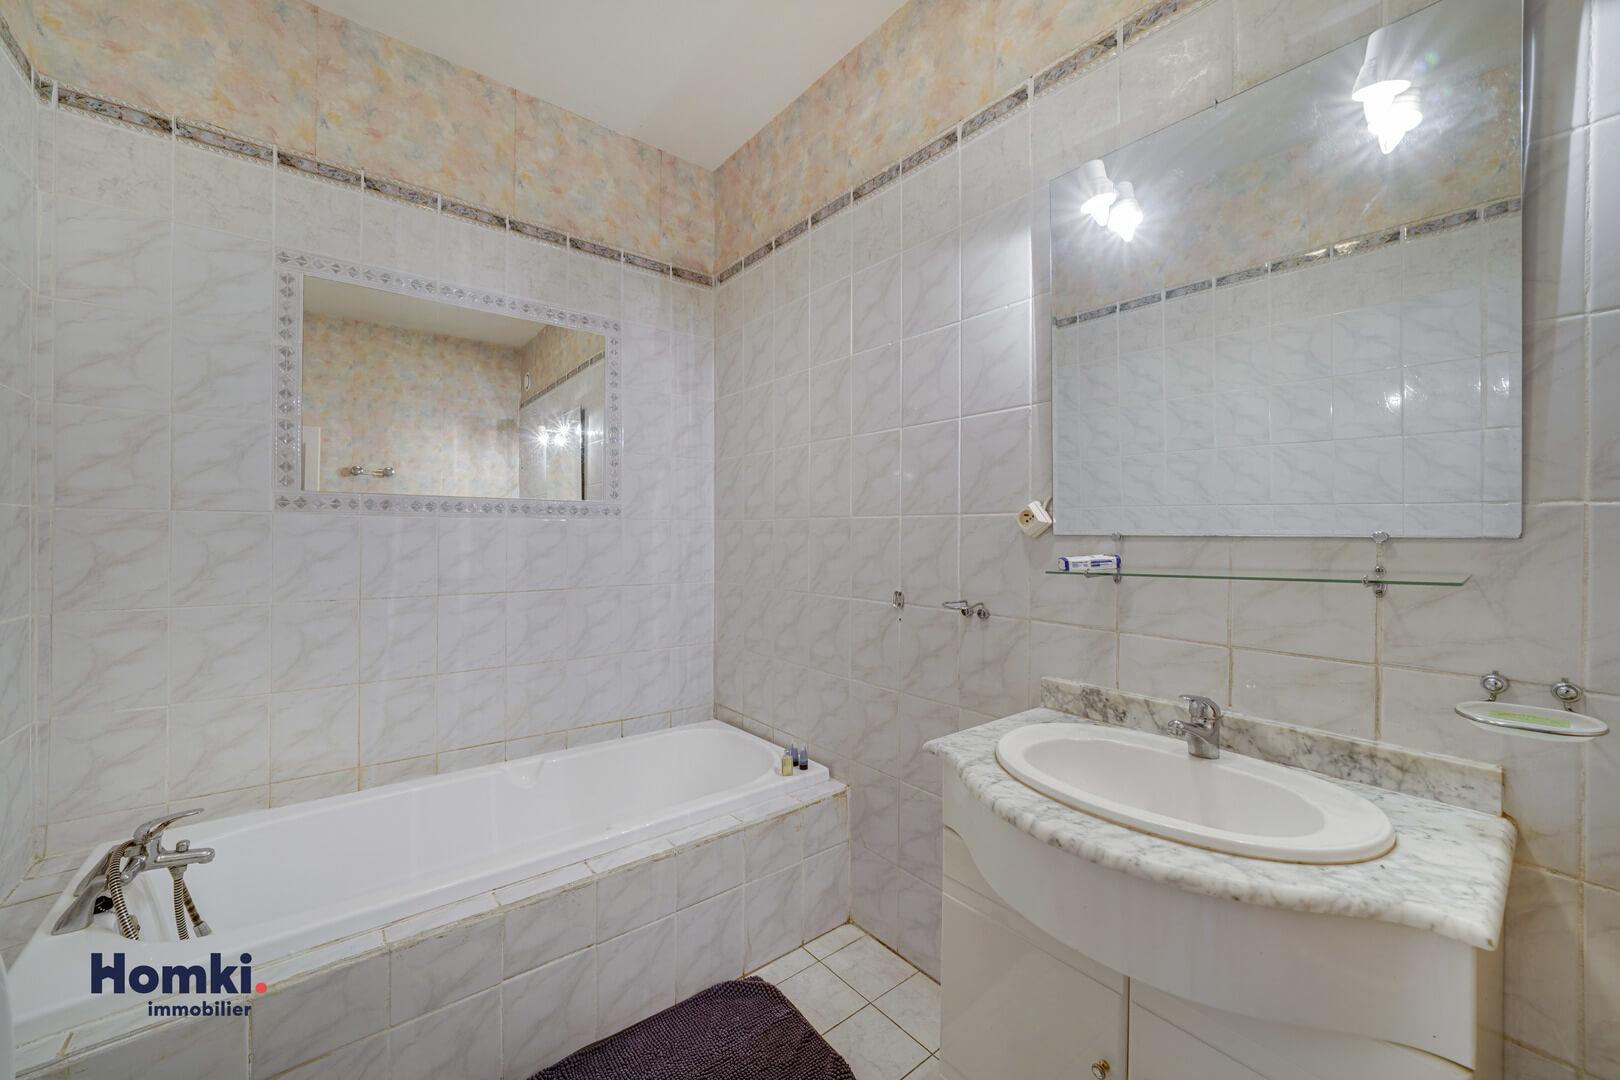 Vente Maison 105 m² T6 13011 Marseille_9